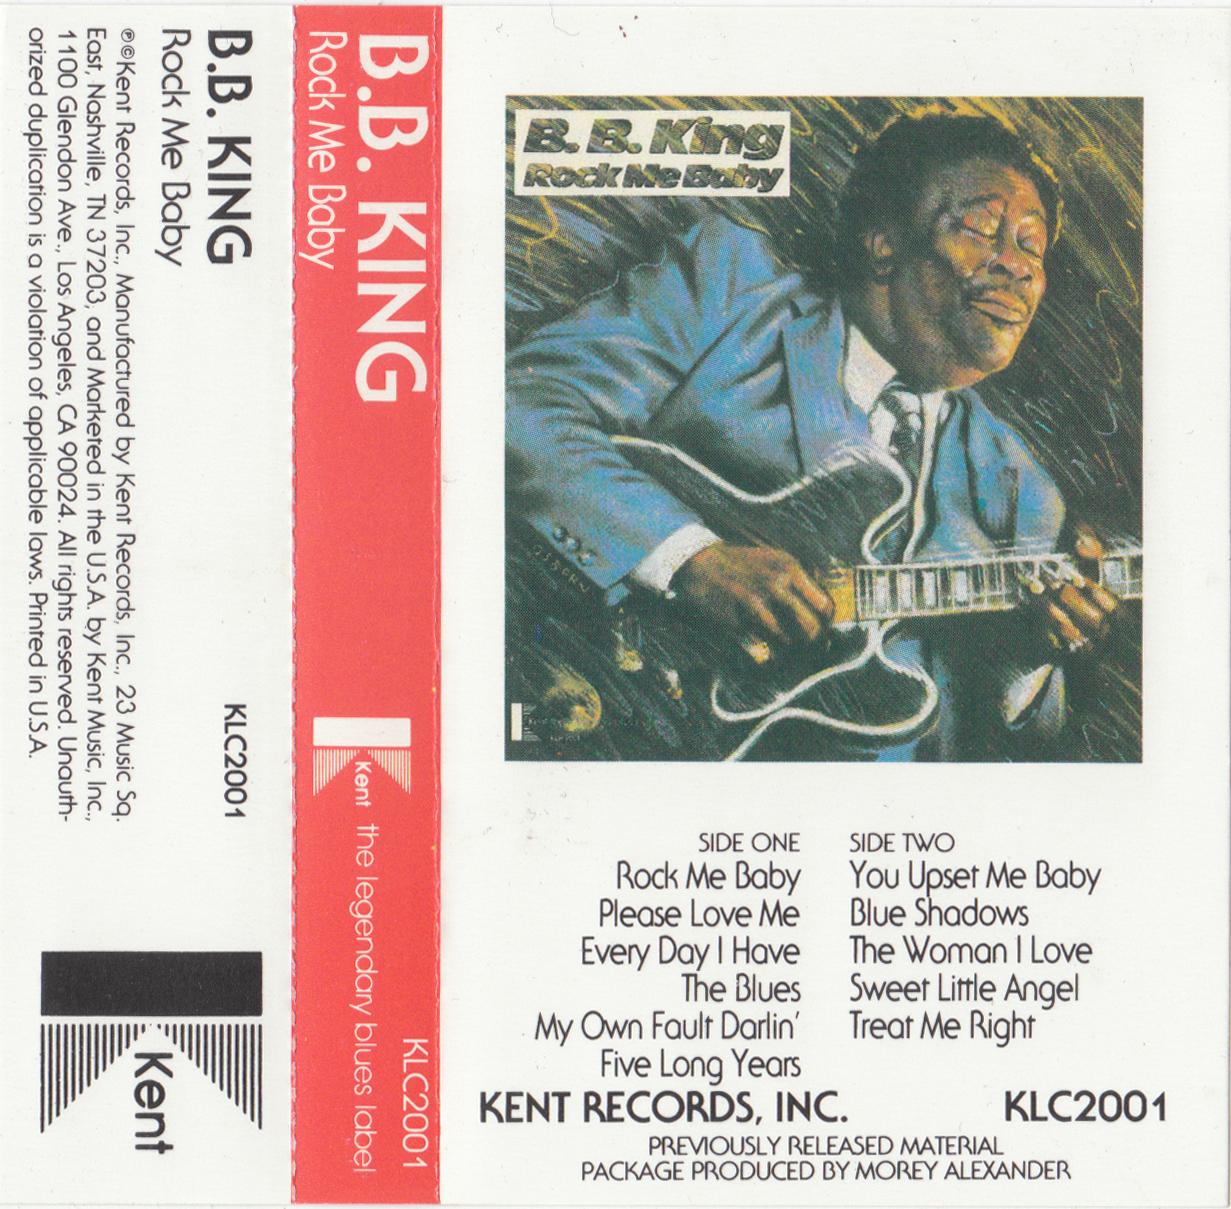 Cassette Cover Art Library B B King